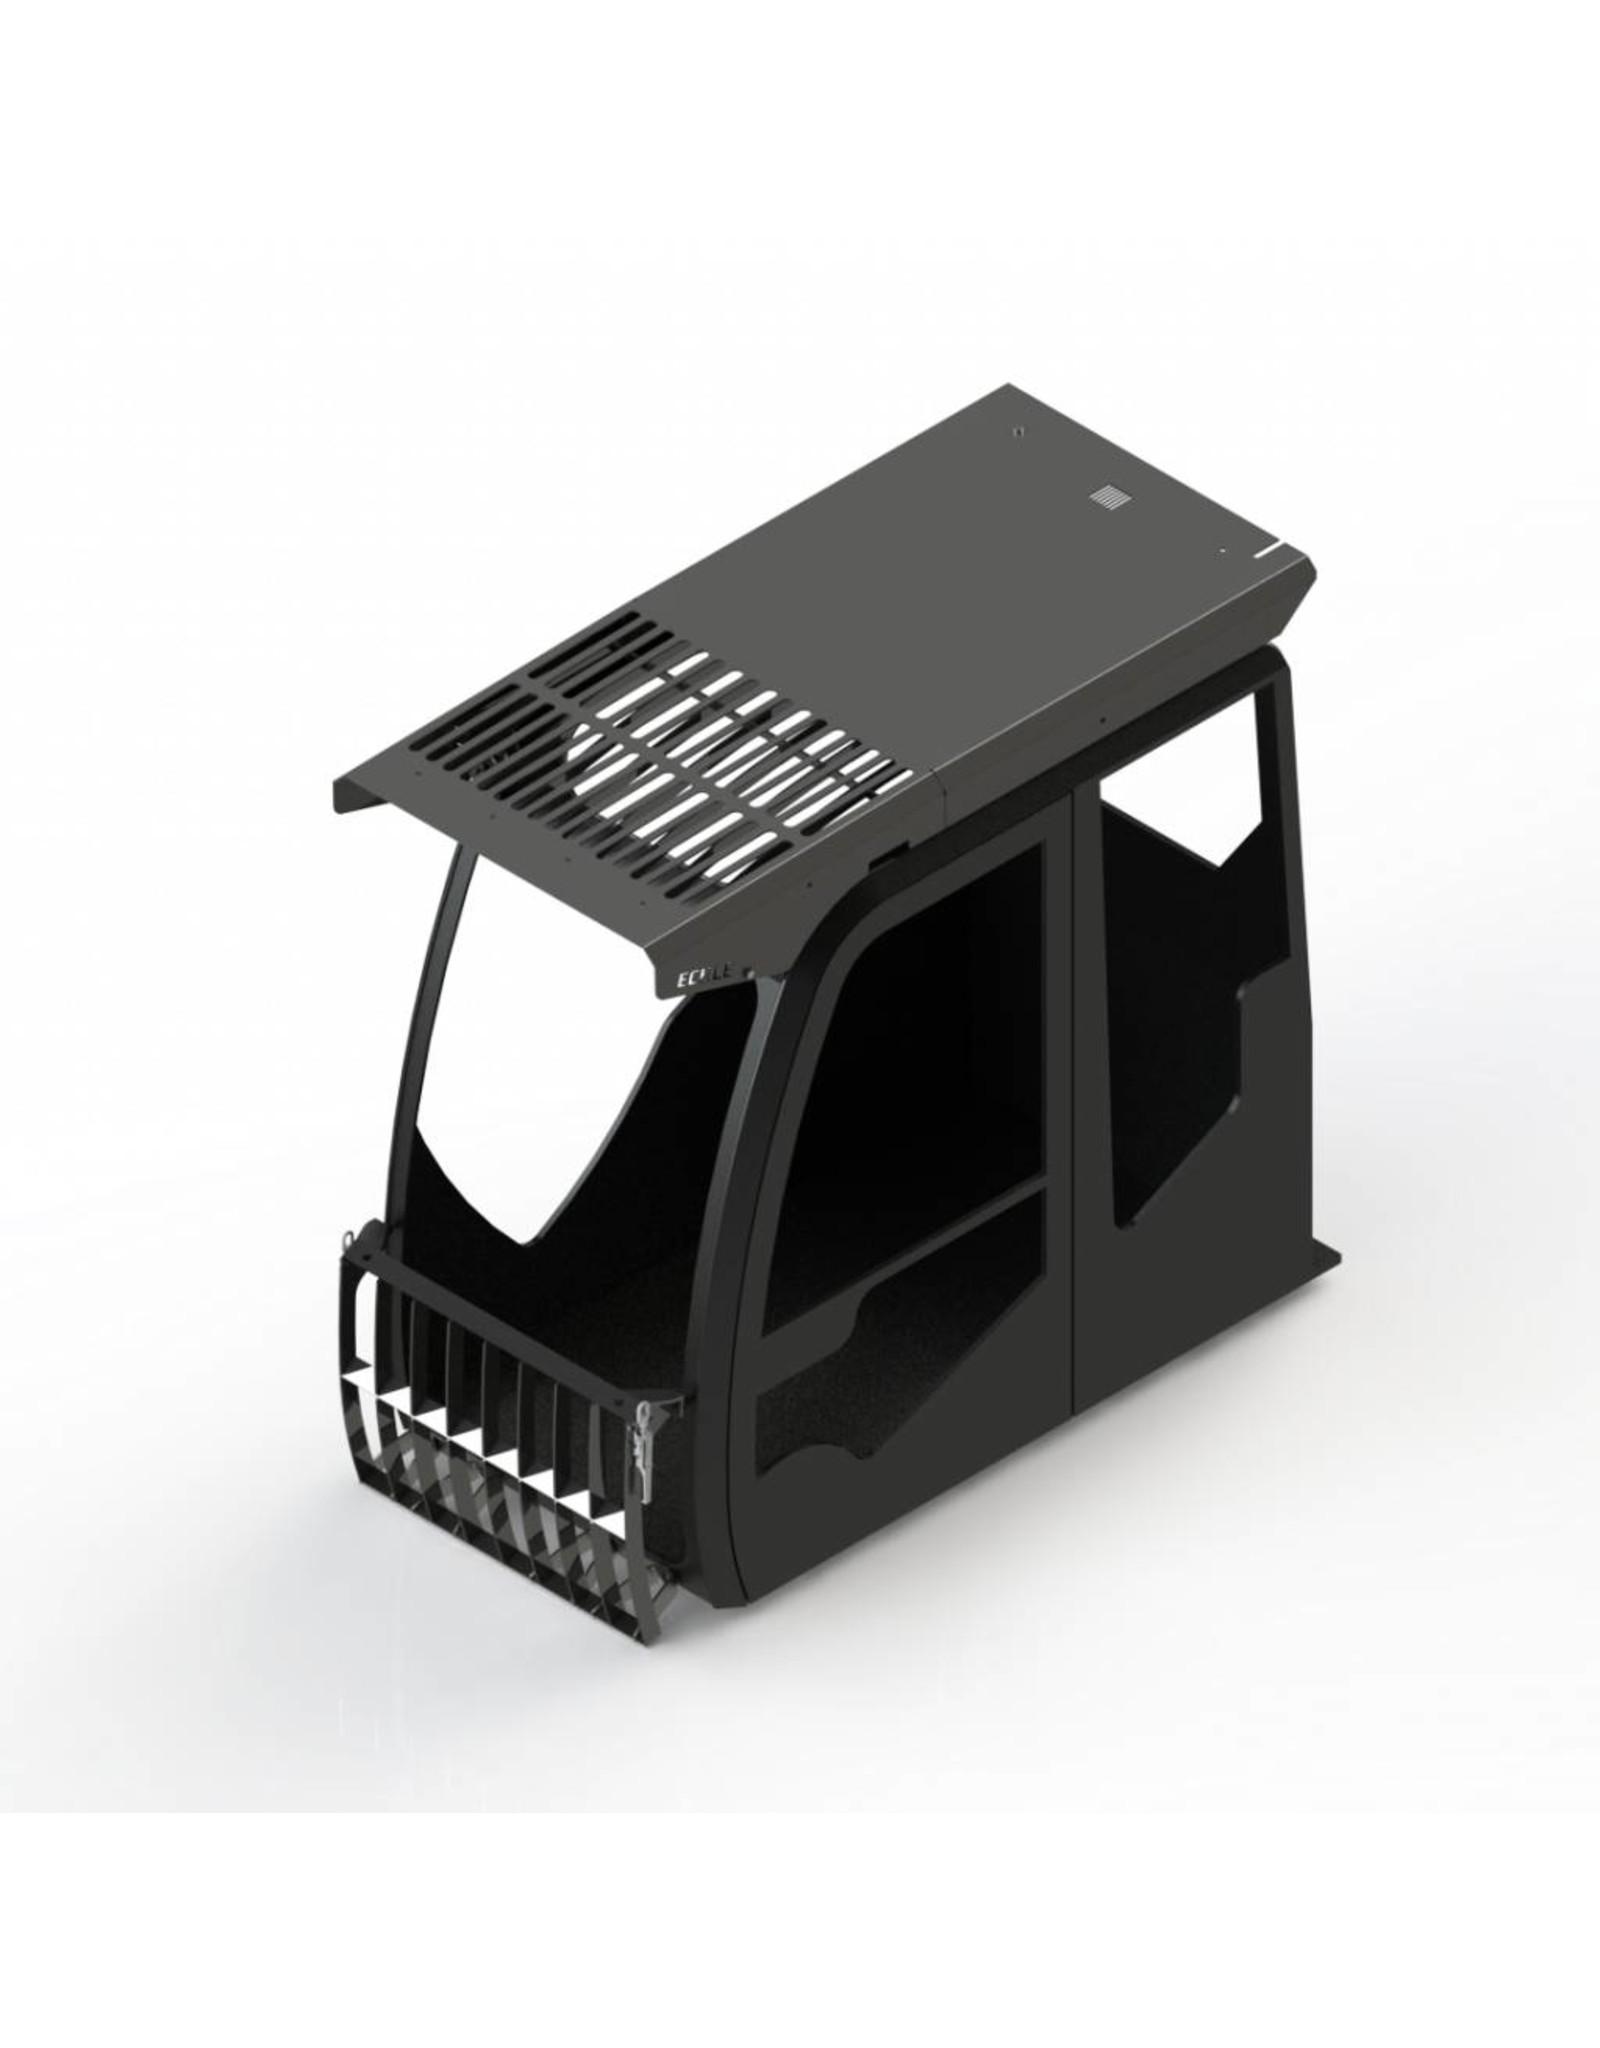 Echle Hartstahl GmbH FOPS for Liebherr LH 30